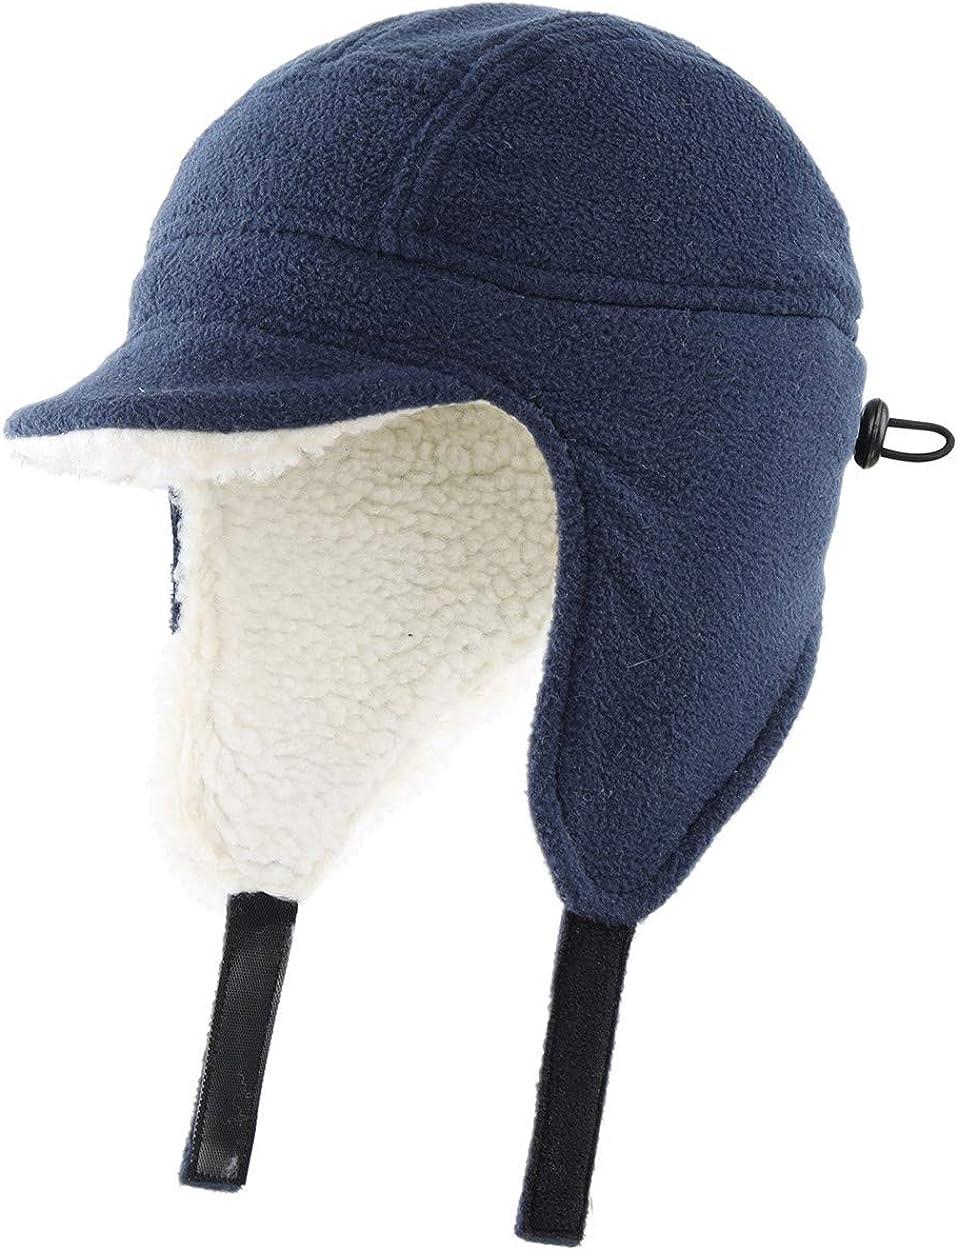 c/álido con orejeras Magracy Sombrero unisex para hombre y mujer para invierno de forro polar con Viosr